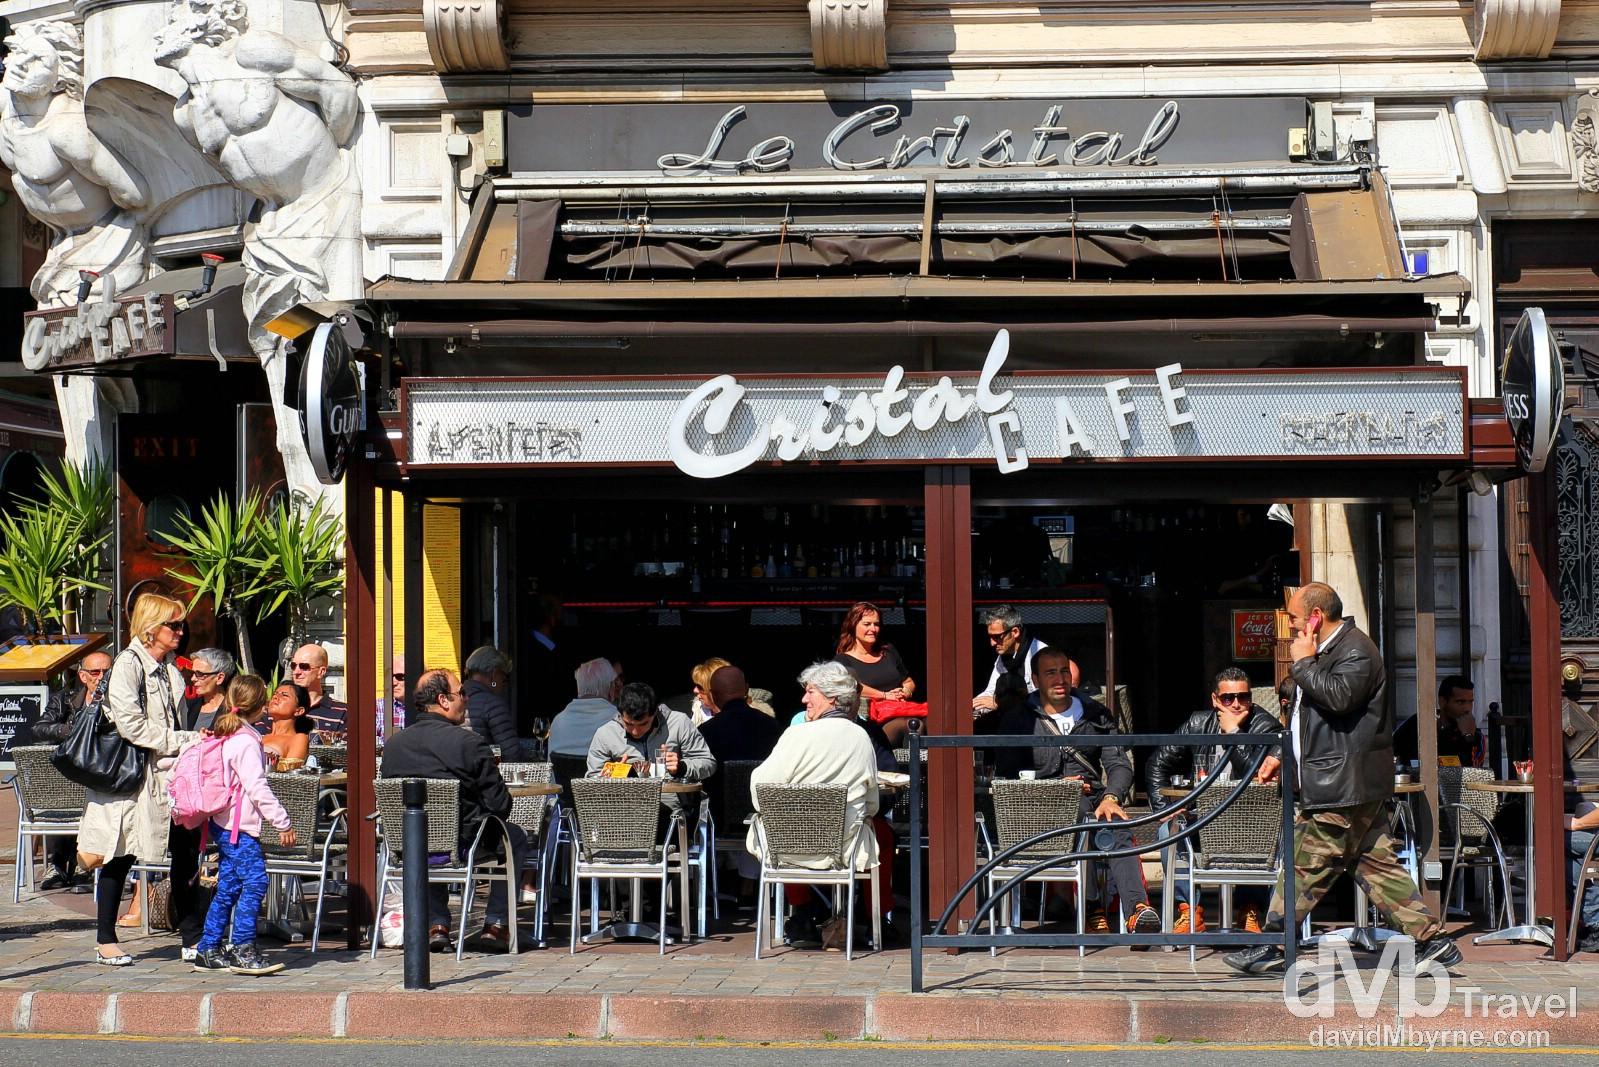 Le Cristal Café, Cannes, Côte d'Azur, France. March 15th, 2014.